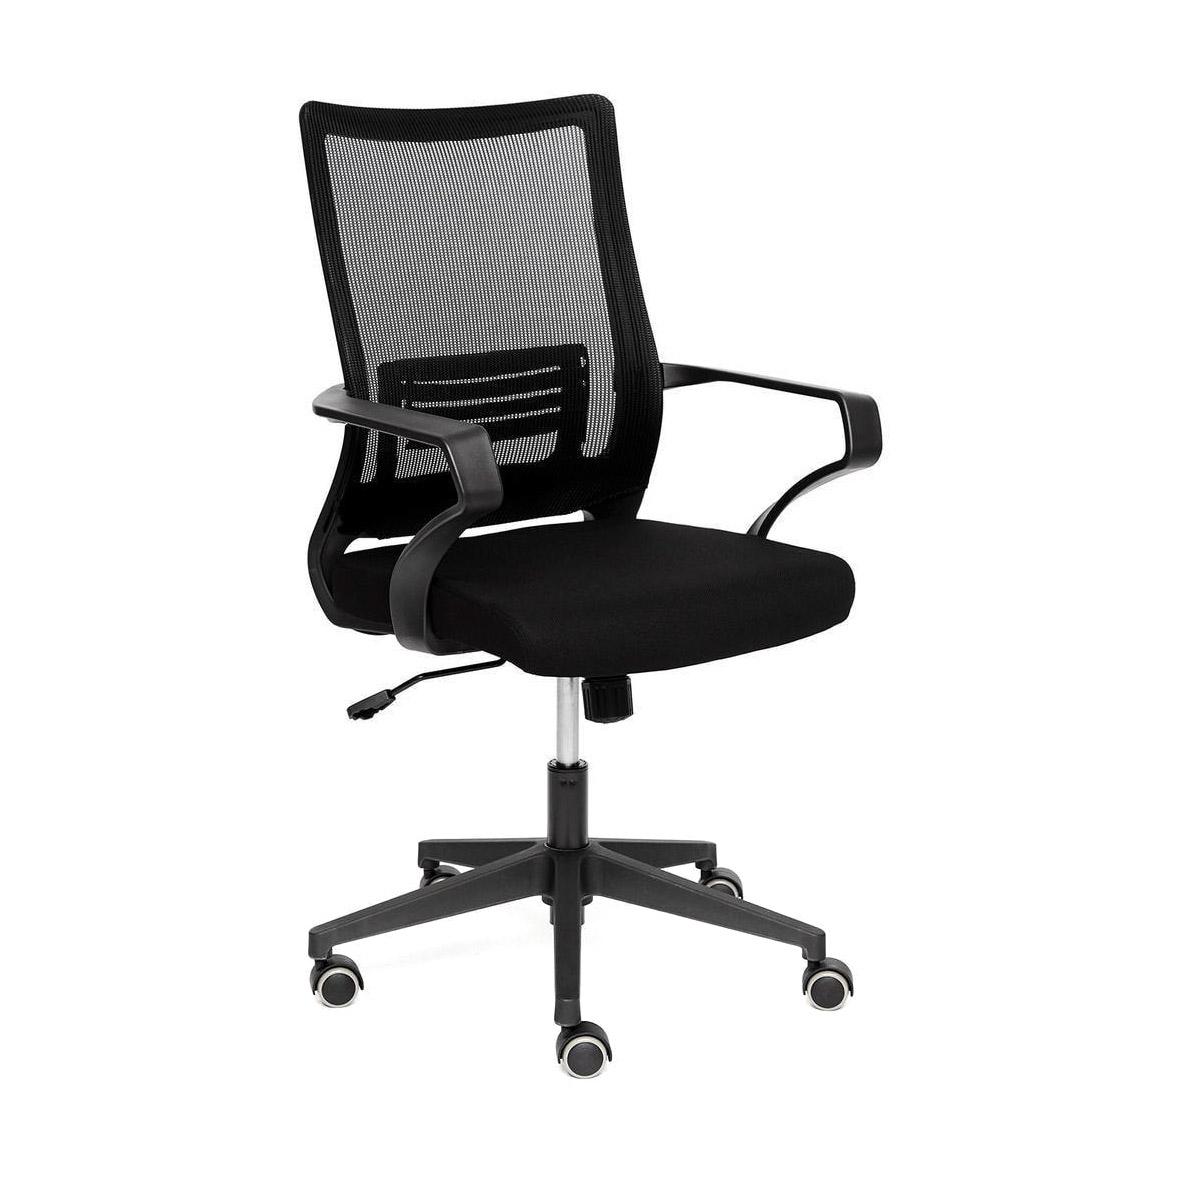 Кресло компьютерное TC черное 133х62х49 см компьютерное кресло turin компьютерное кресло